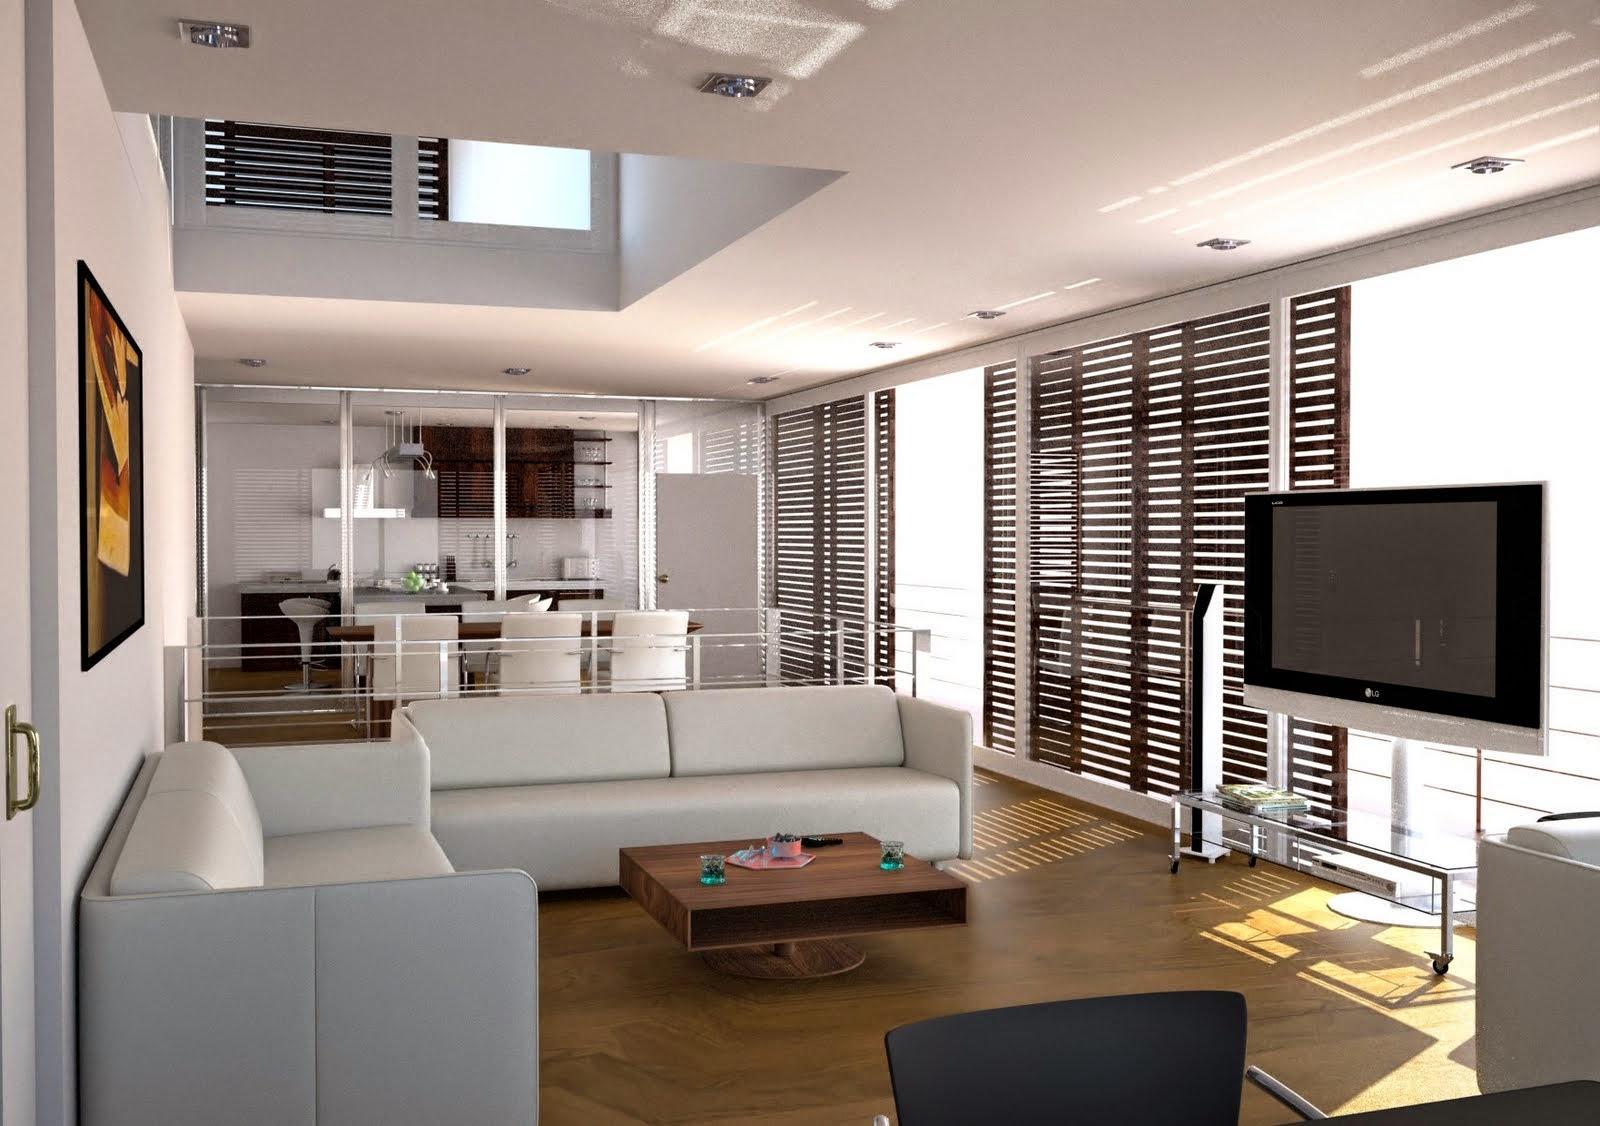 Desain dapur rumah kecil minimalis sederhana idaman & Desain dapur rumah kecil minimalis sederhana idaman ...